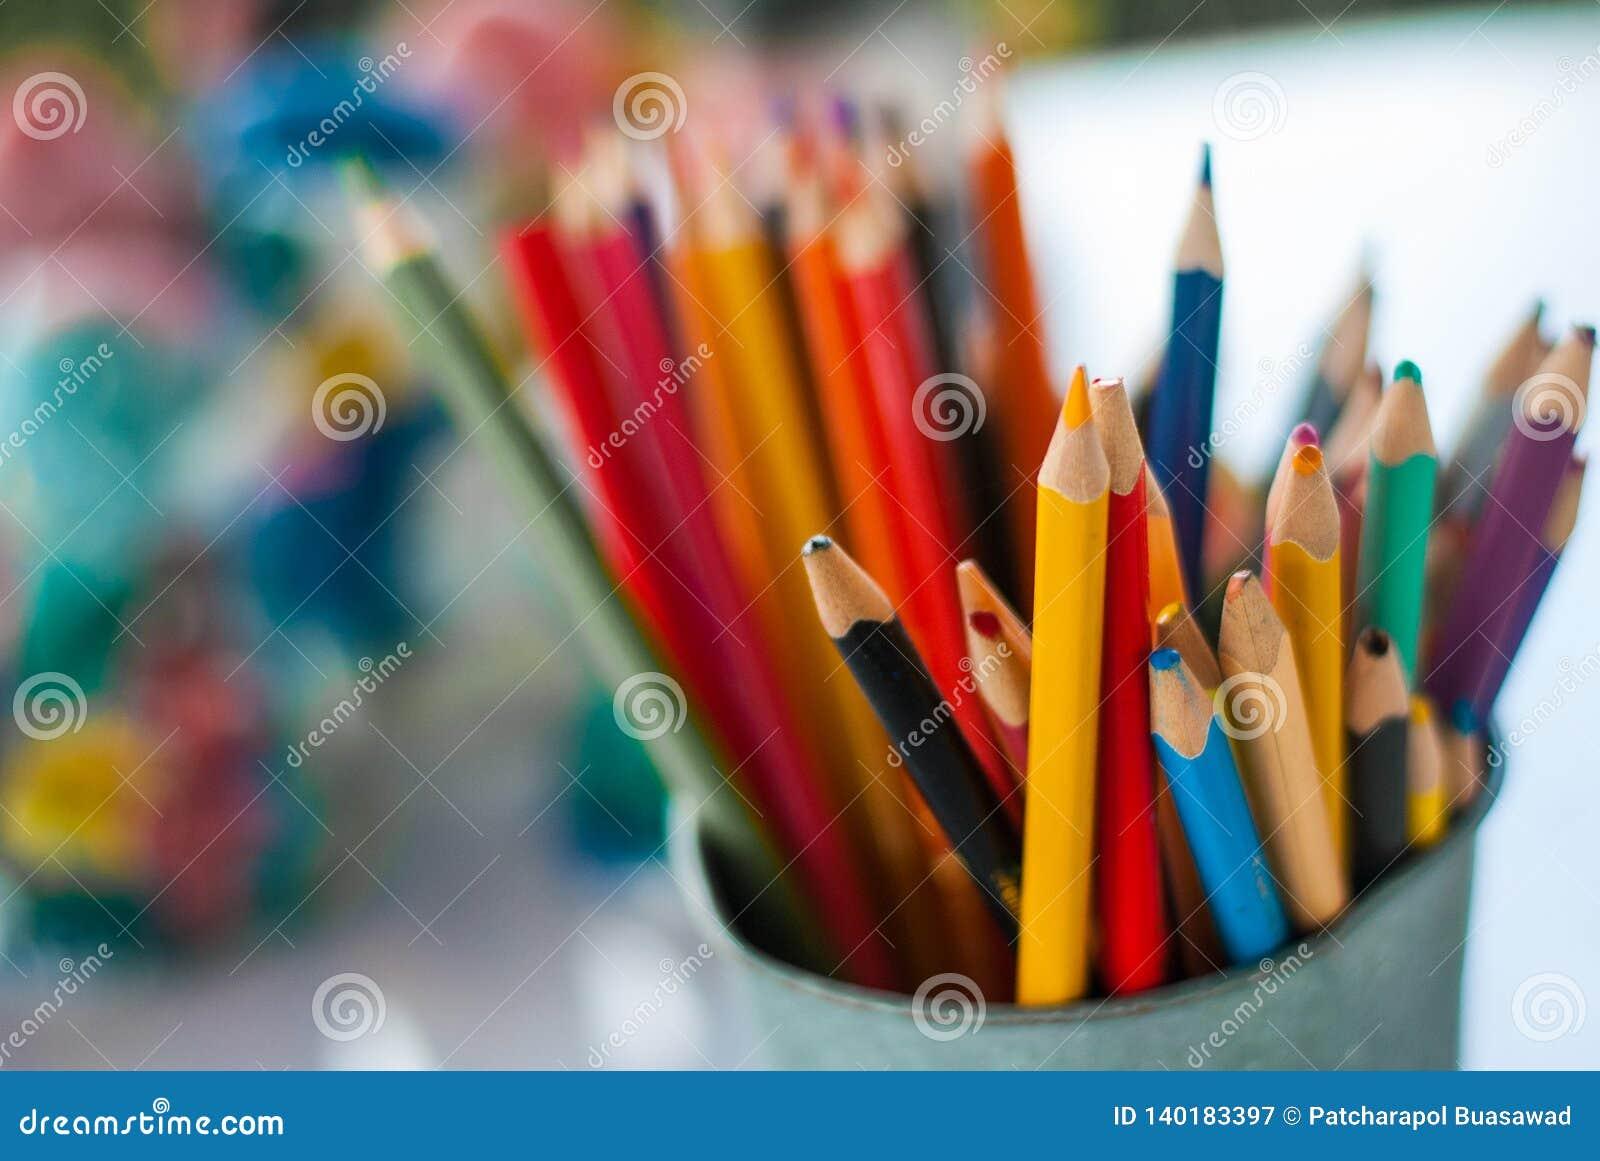 Ostrze i stępia kolorów ołówki stawia w wiadrze gotowym używać w sztuka warsztacie